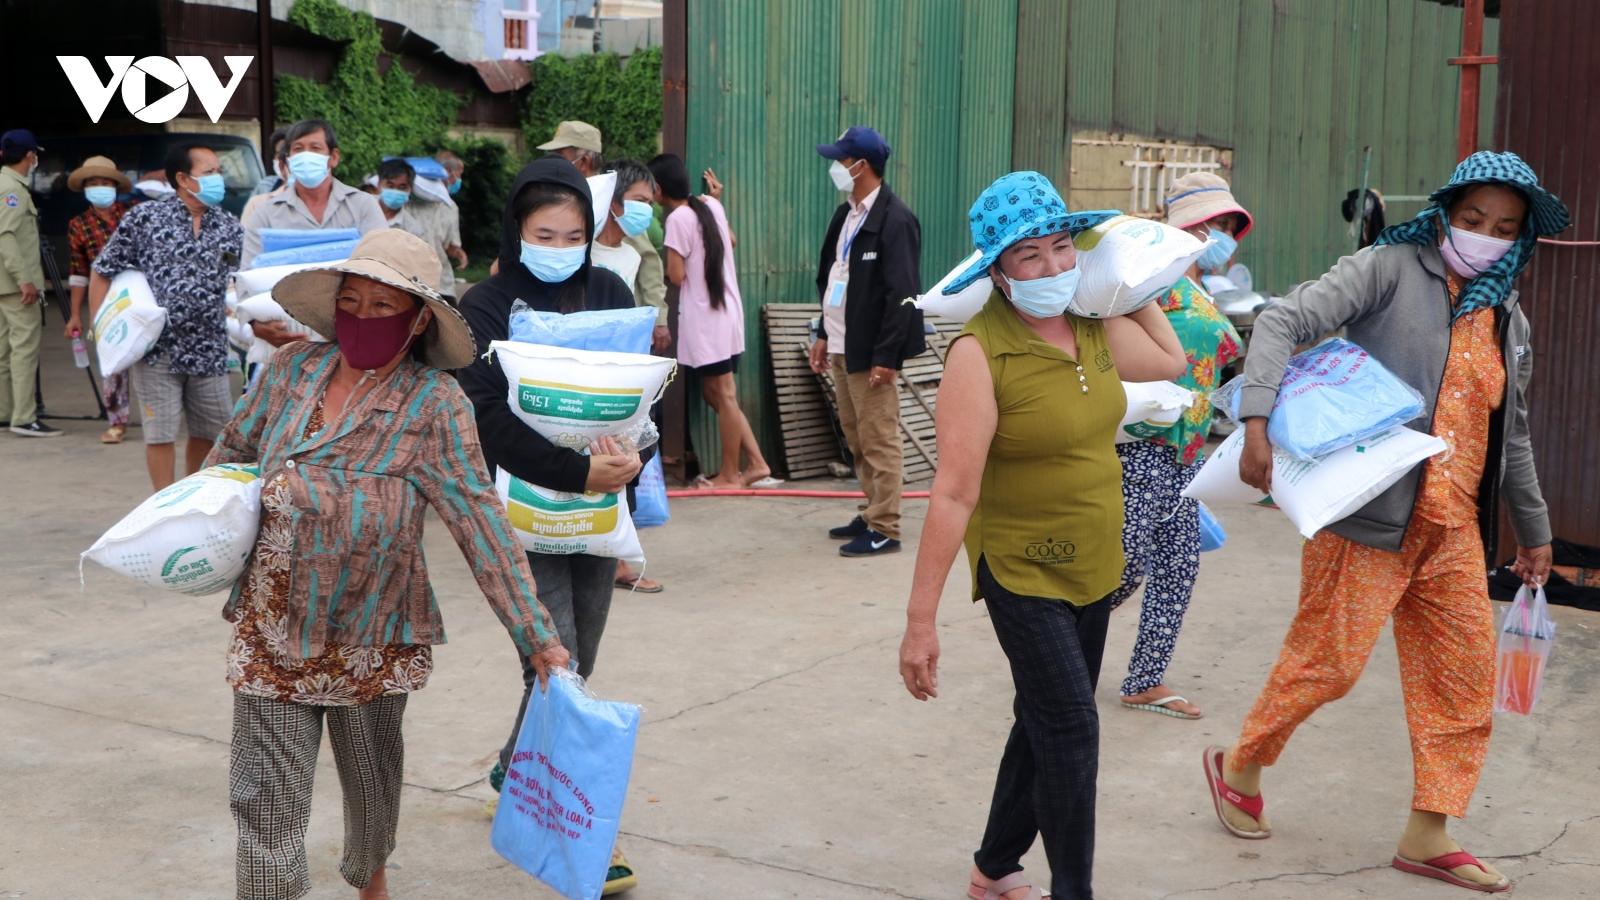 Hàng nghìn hộ người Campuchia gốc Việt tiếp tục được nhận cứu trợ